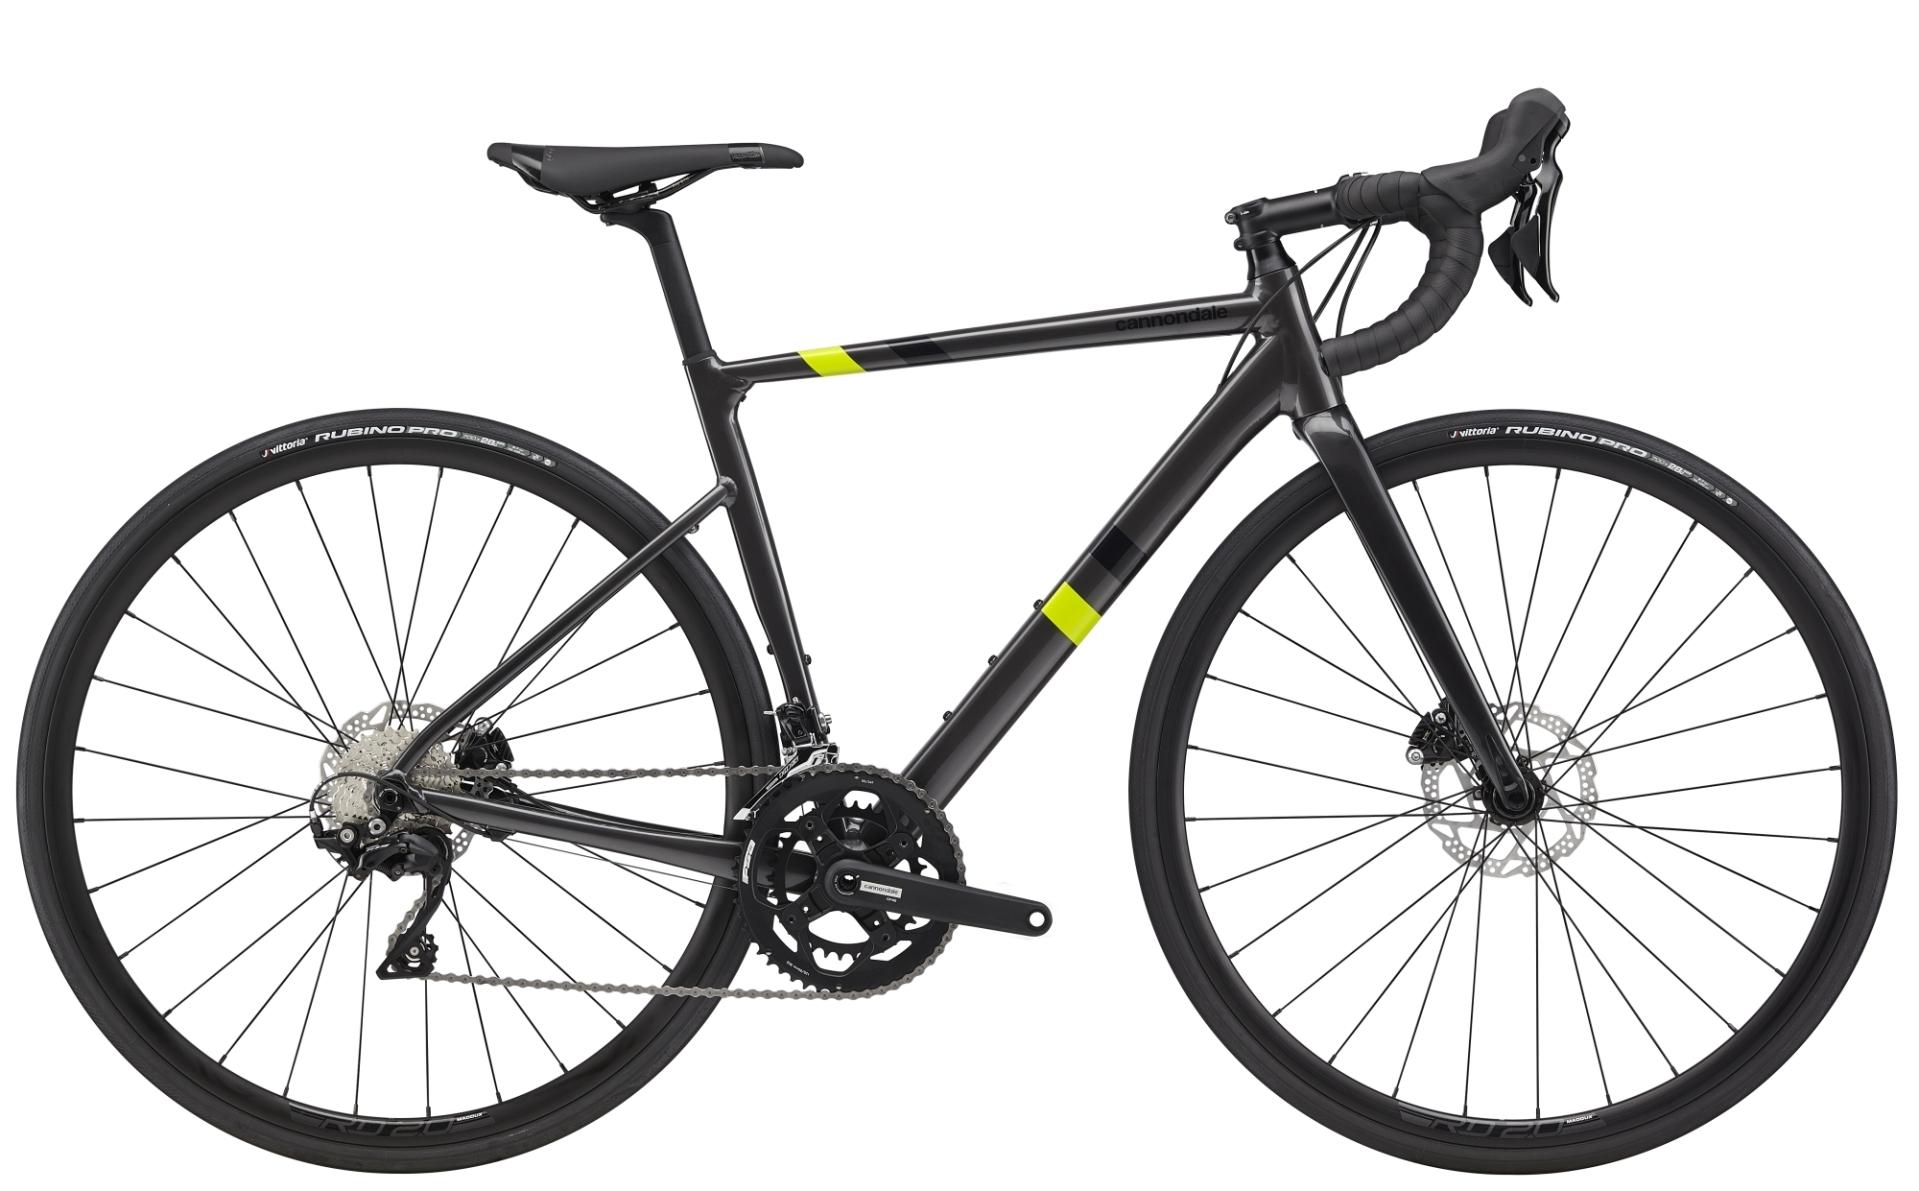 Cannondale CAAD 13 Disc 105 női országúti kerékpár - fekete - 51 cm (2020)